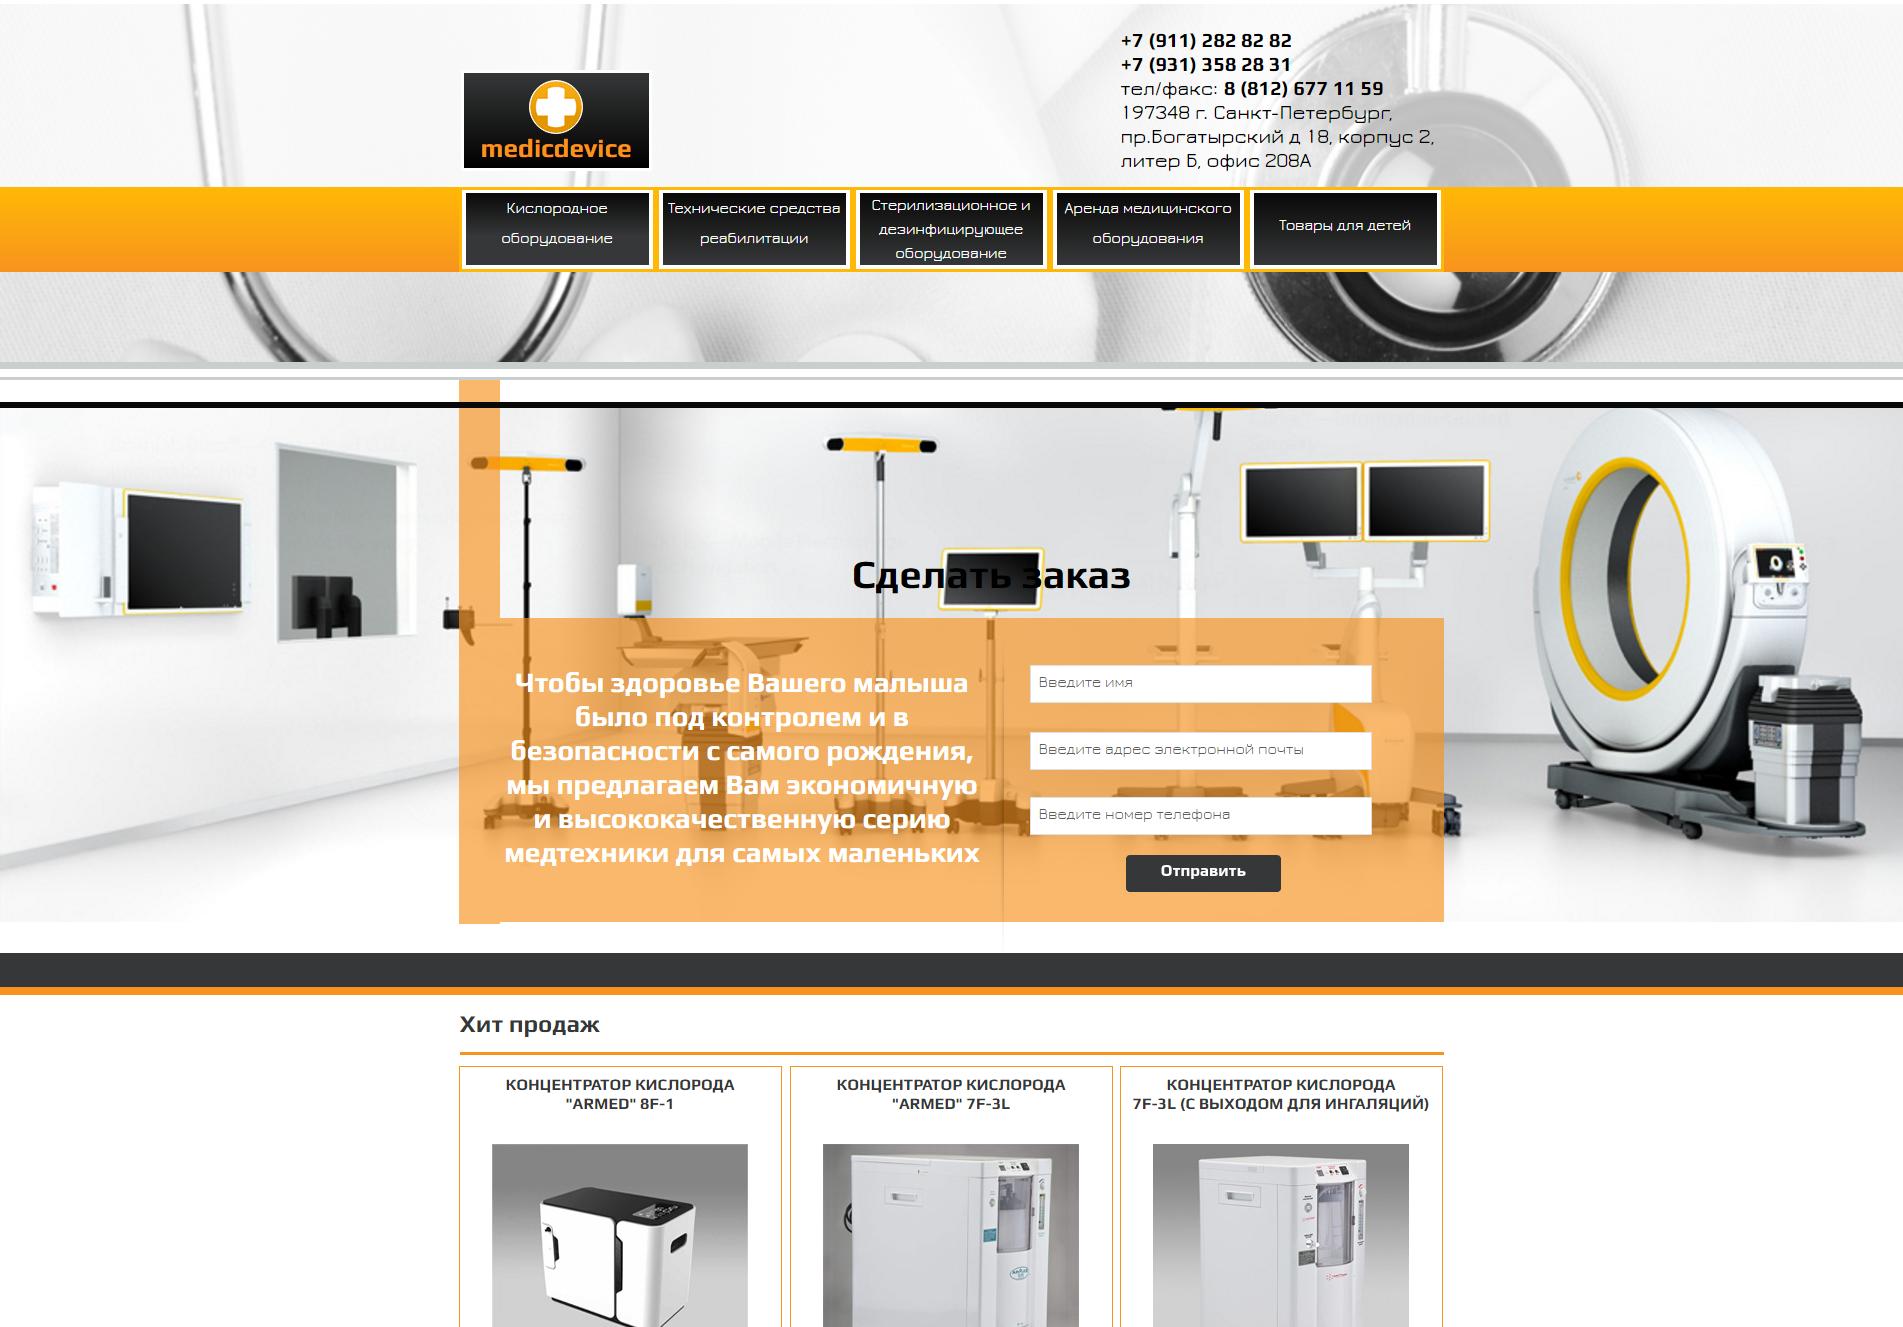 Создание сайта по медицинскому оборудованию